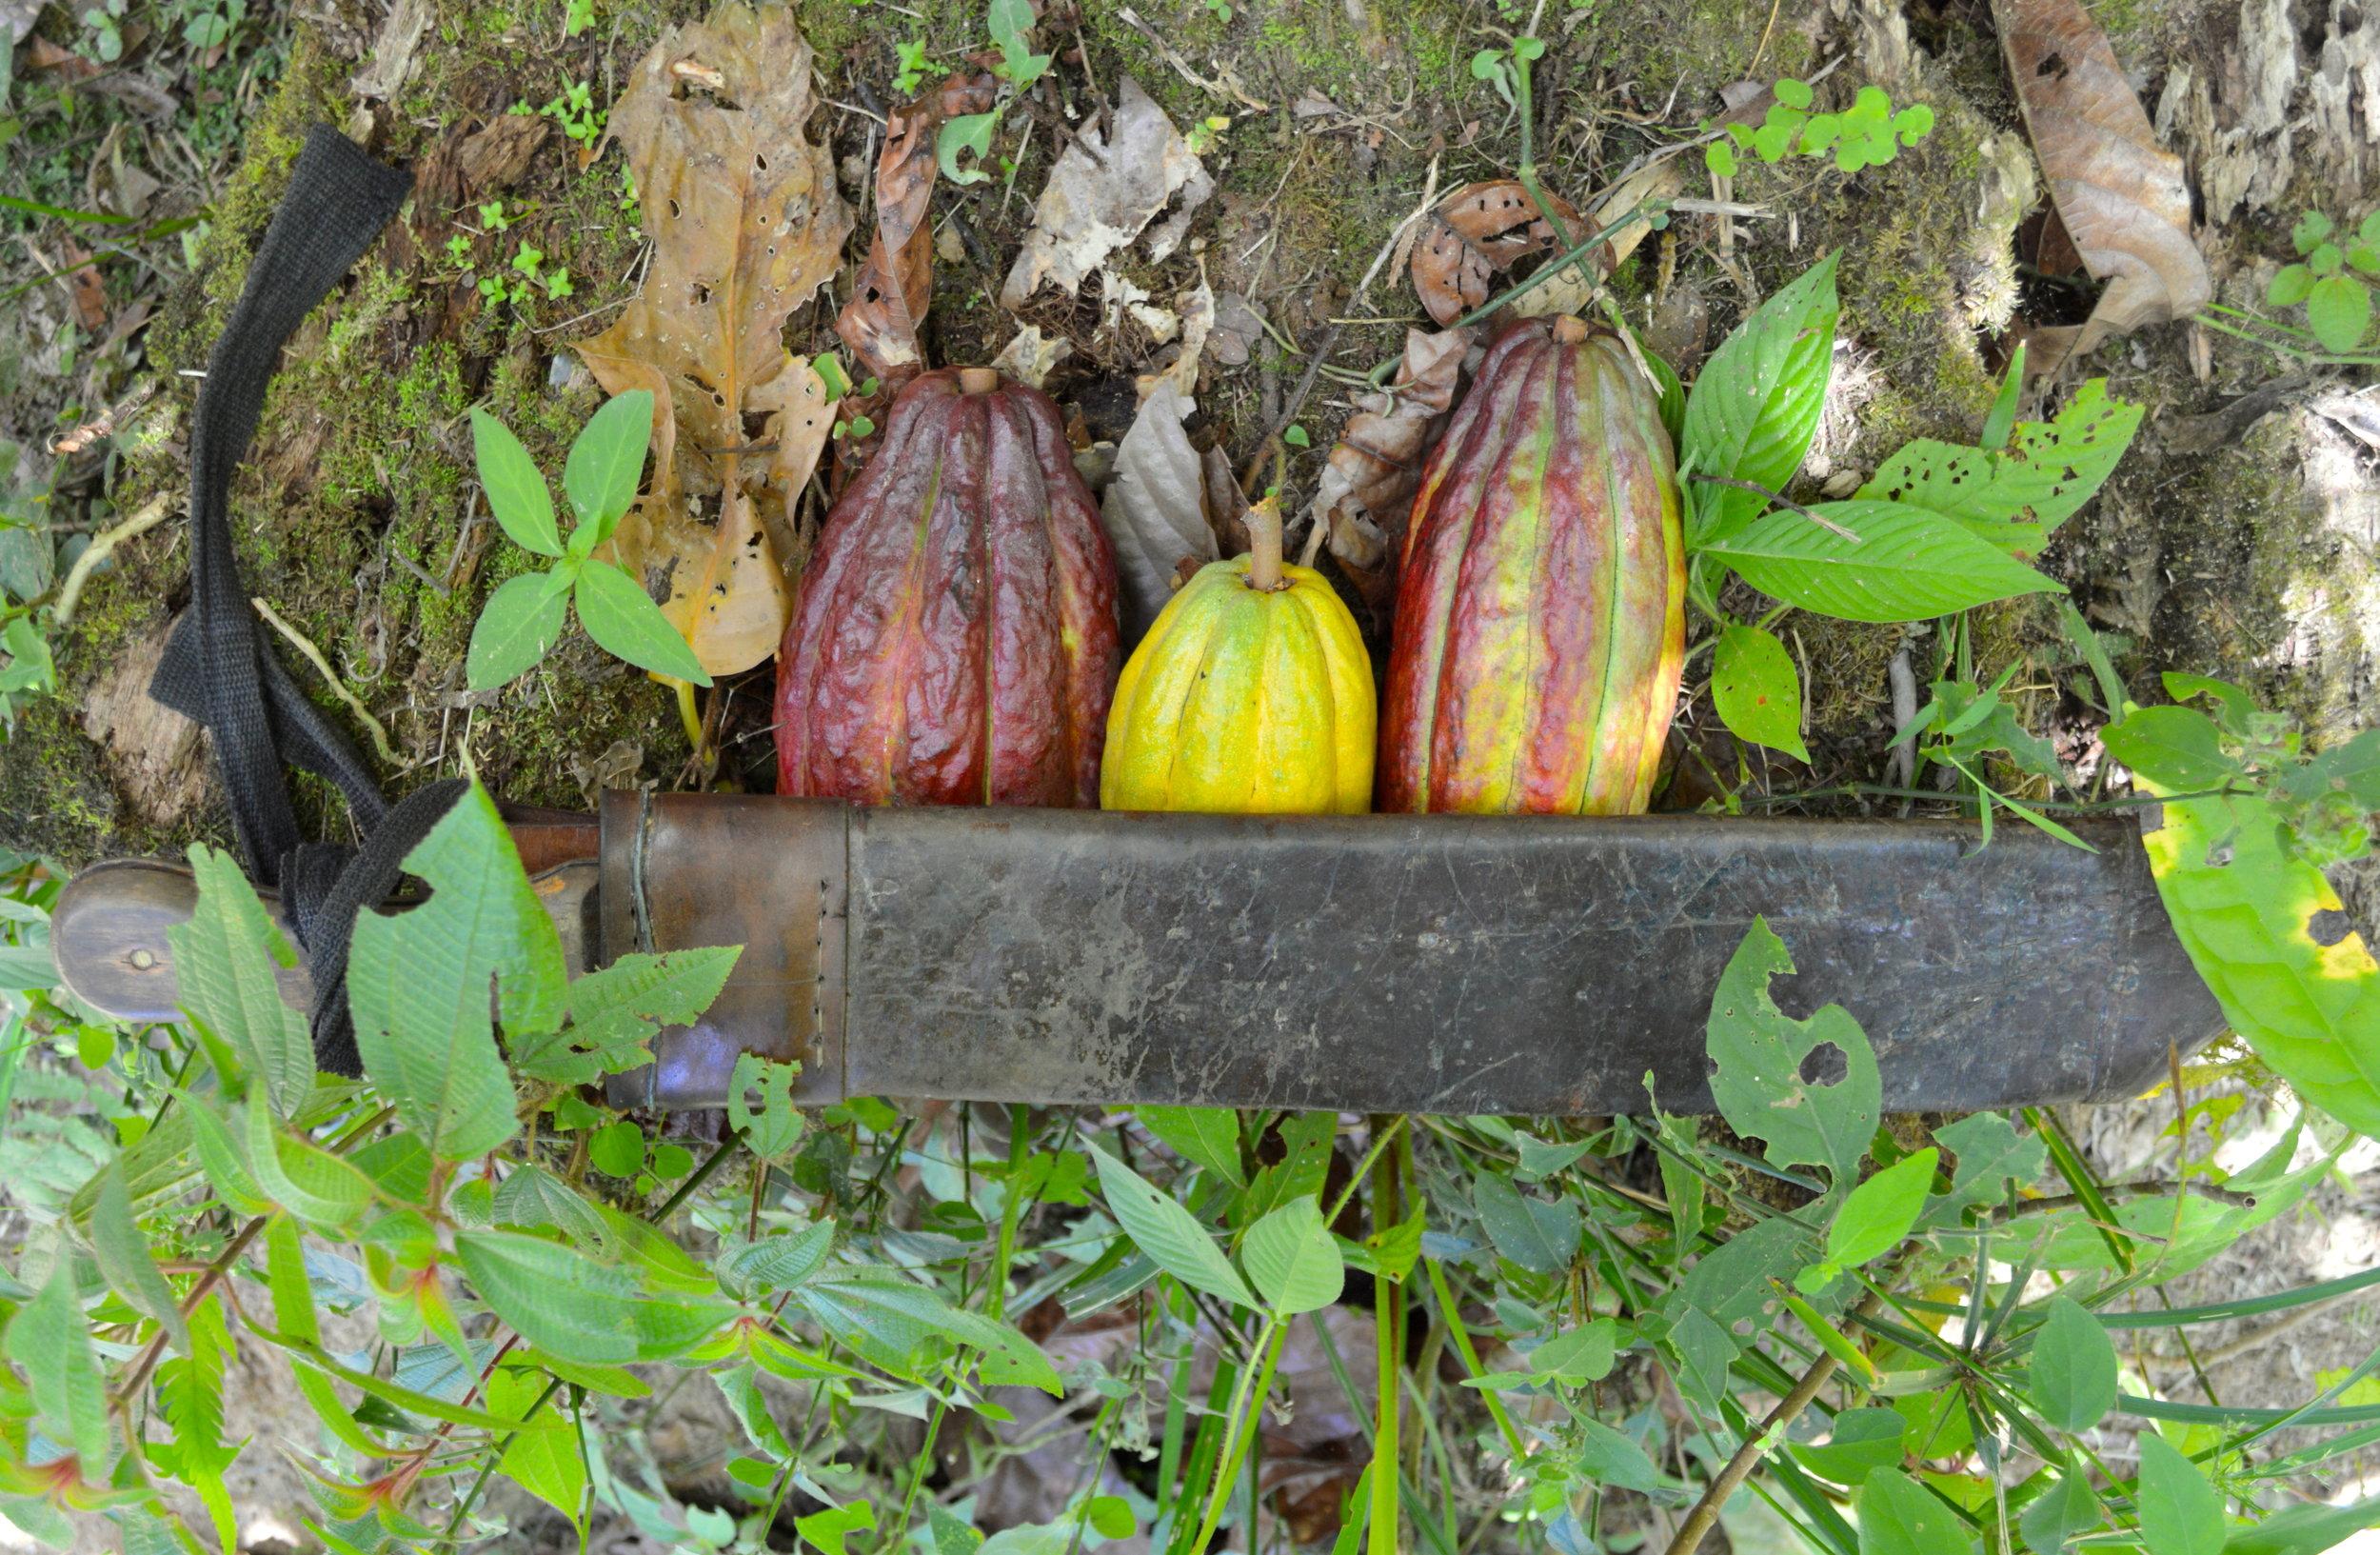 Trinitario and Criollo cocoa pods